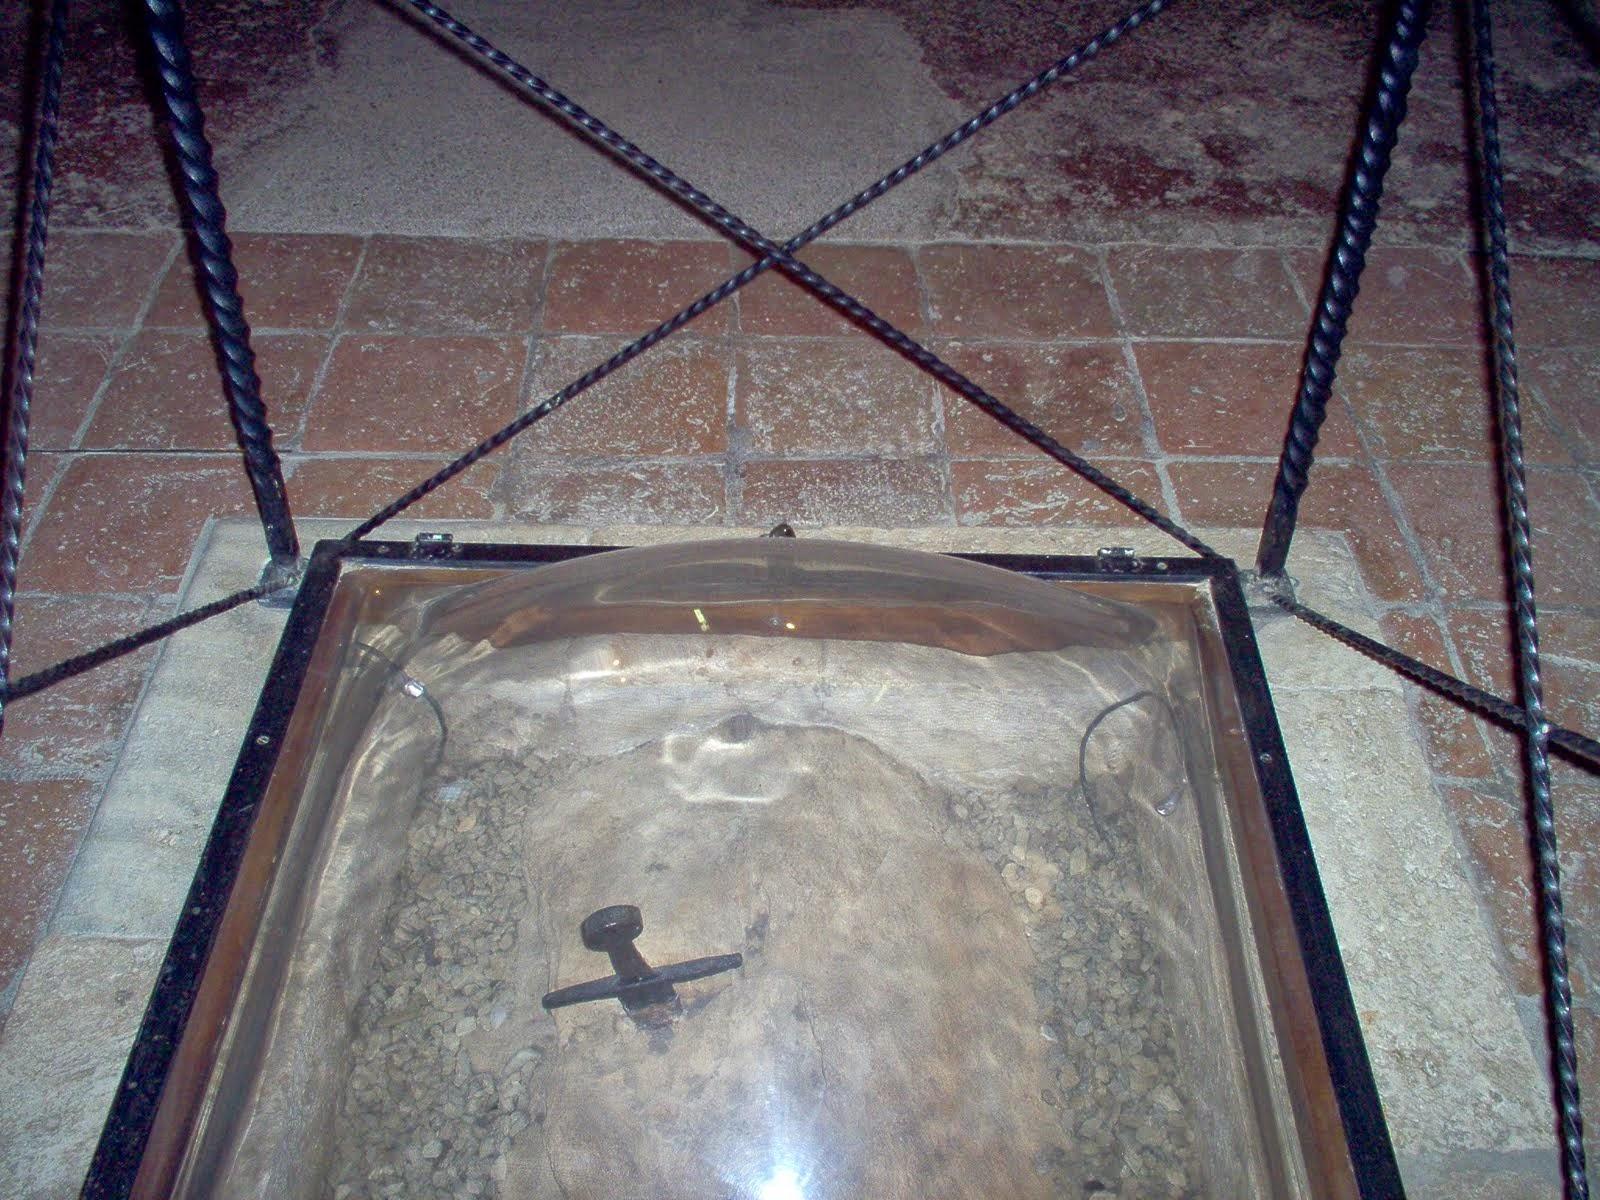 Η περίεργη ιστορία του Αγίου Γκαλκάνο και του Σπαθιού